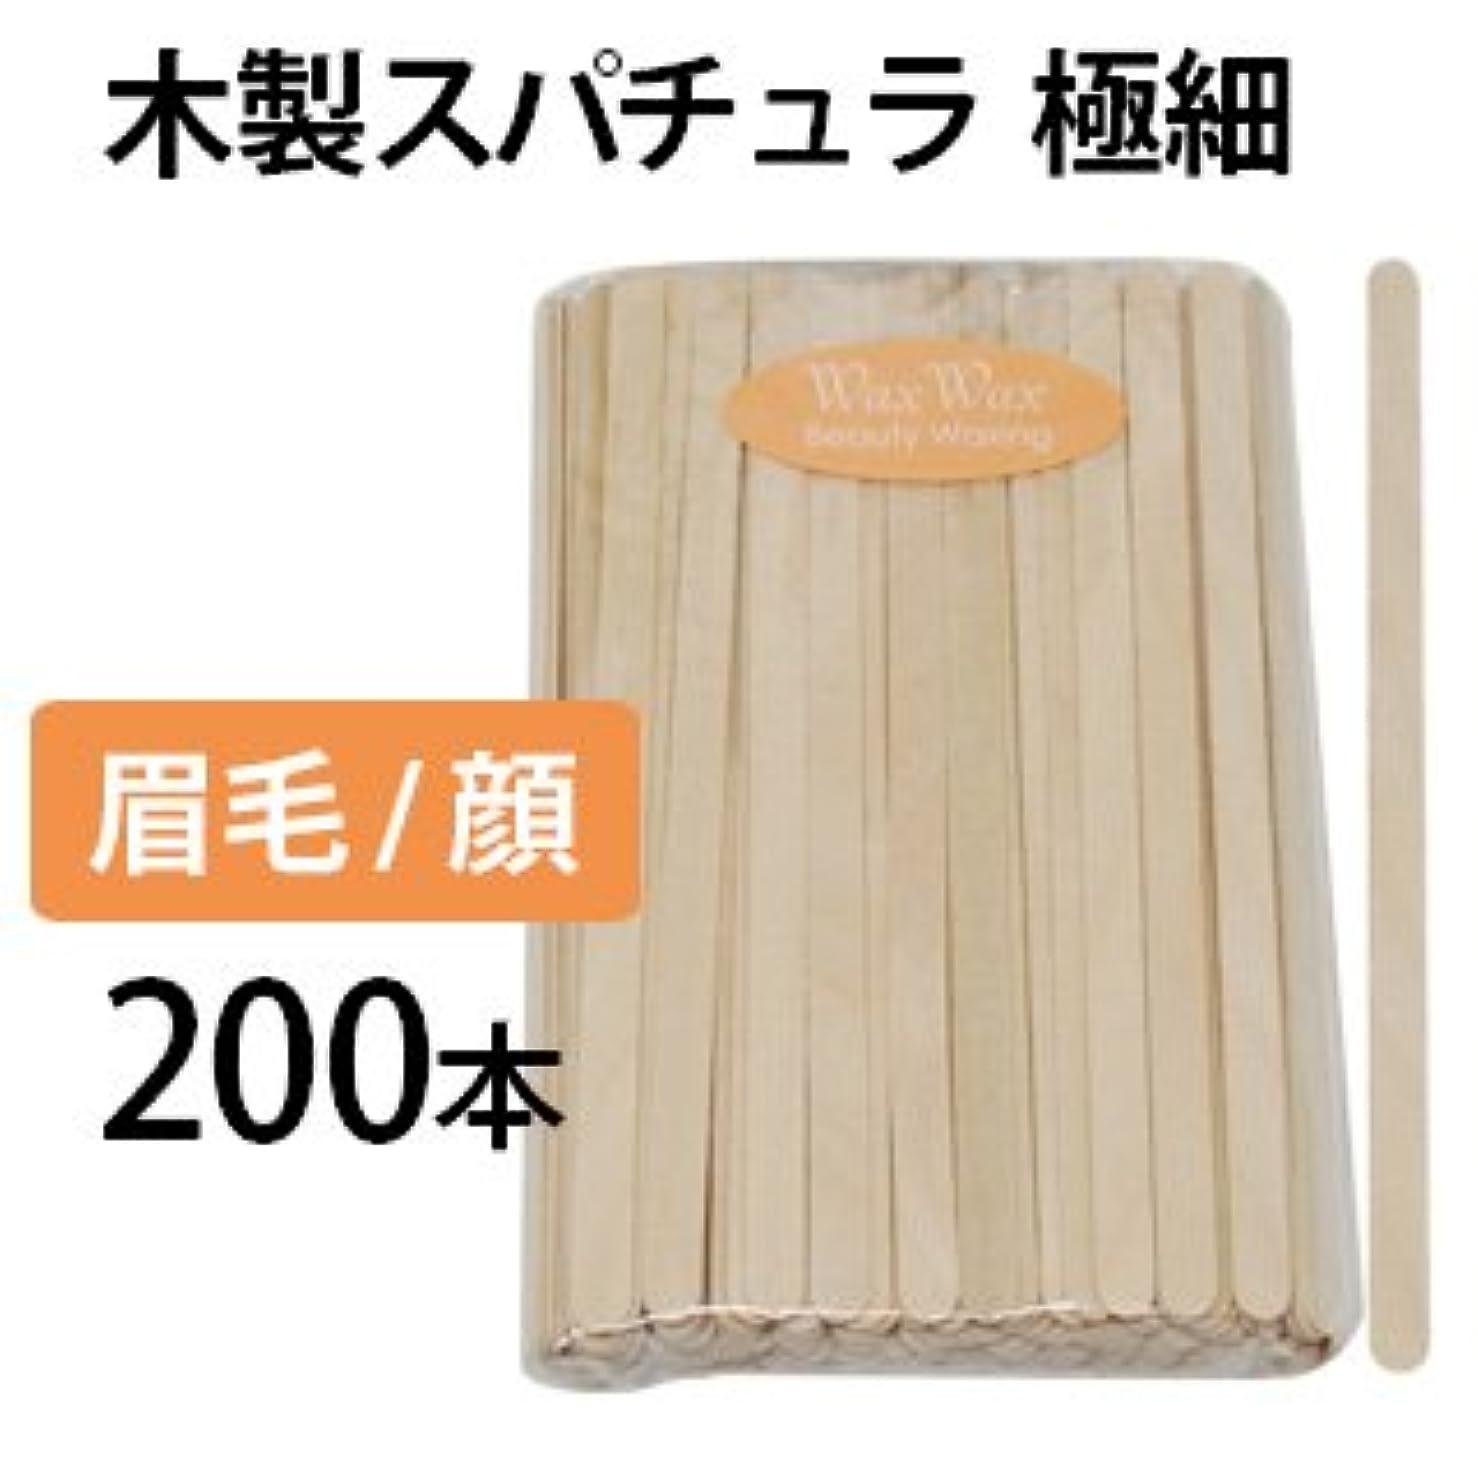 ラブ計算可能ダウンタウン眉毛 アイブロウ用スパチュラ 200本セット 極細 木製スパチュラ 使い捨て